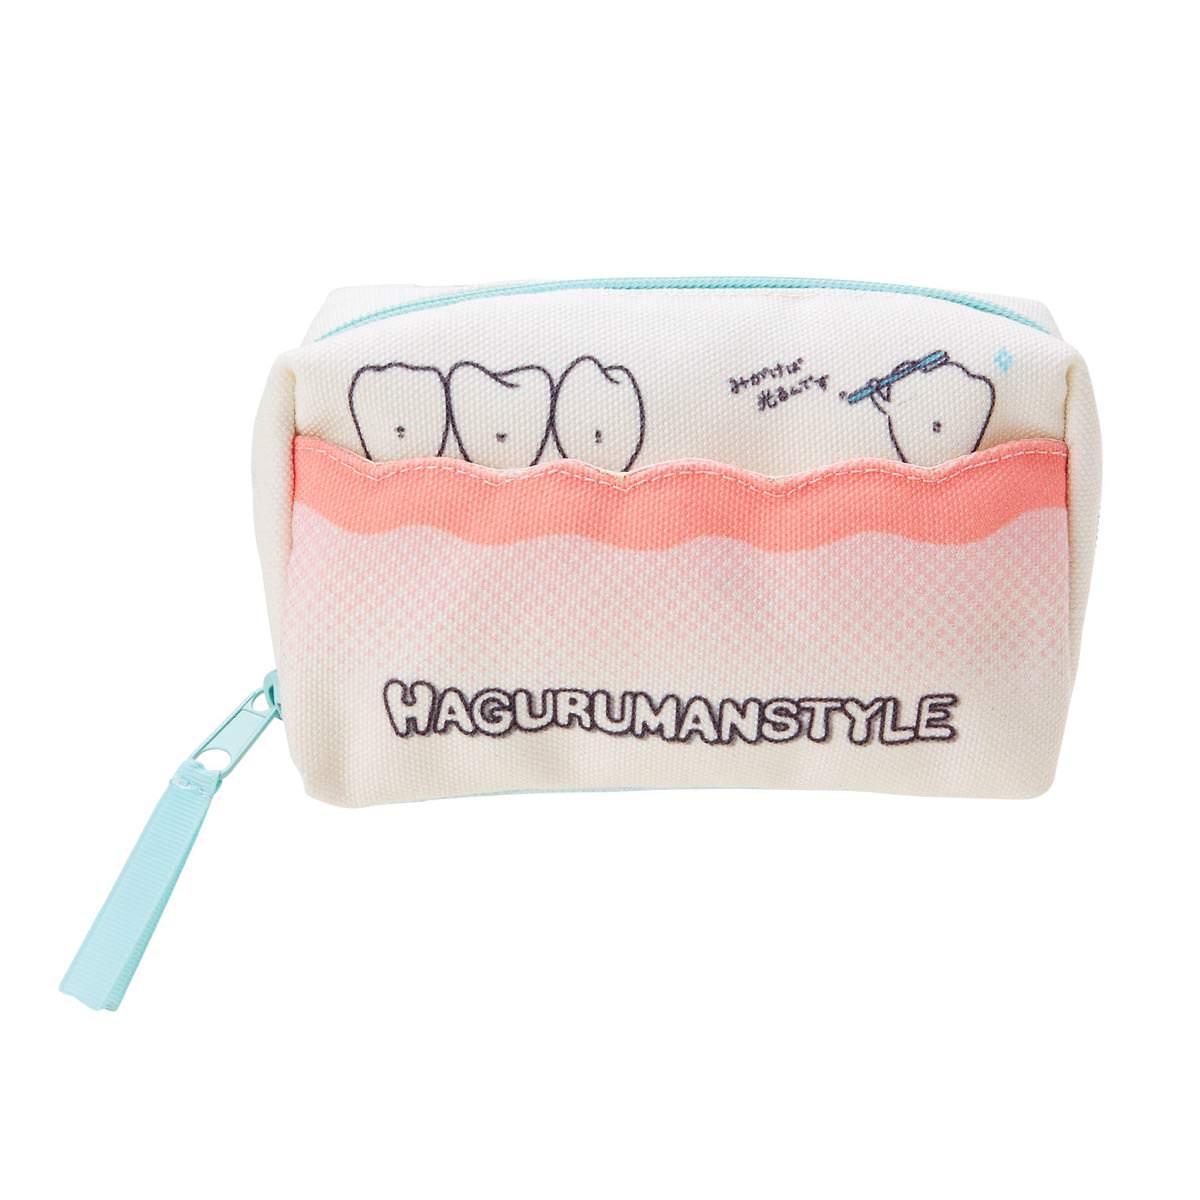 歯ぐるまんすたいる ポーチ